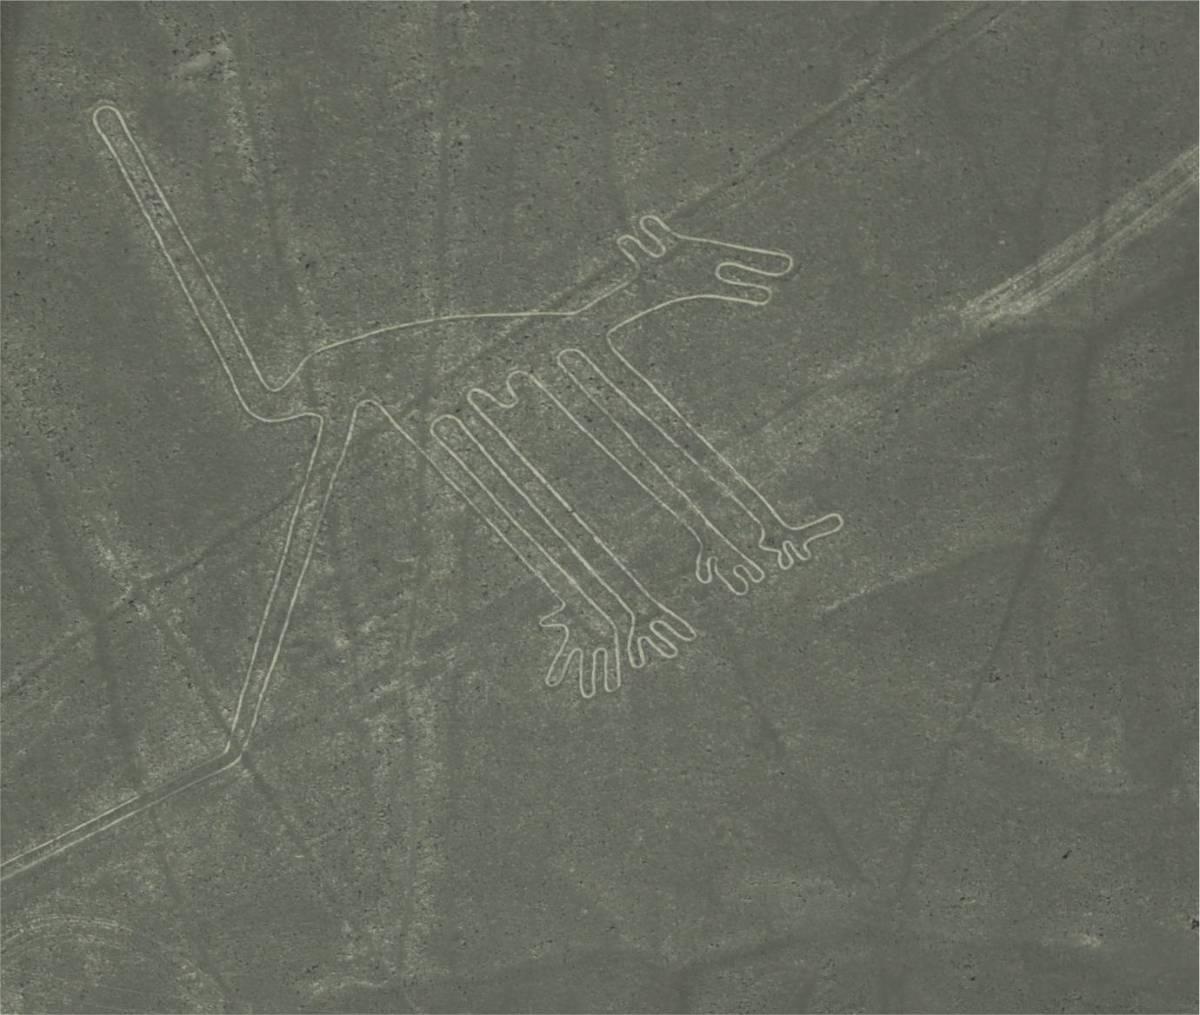 Maria Reiche die Forscherin und Beschützerin der Nazca-Linien inPeru.